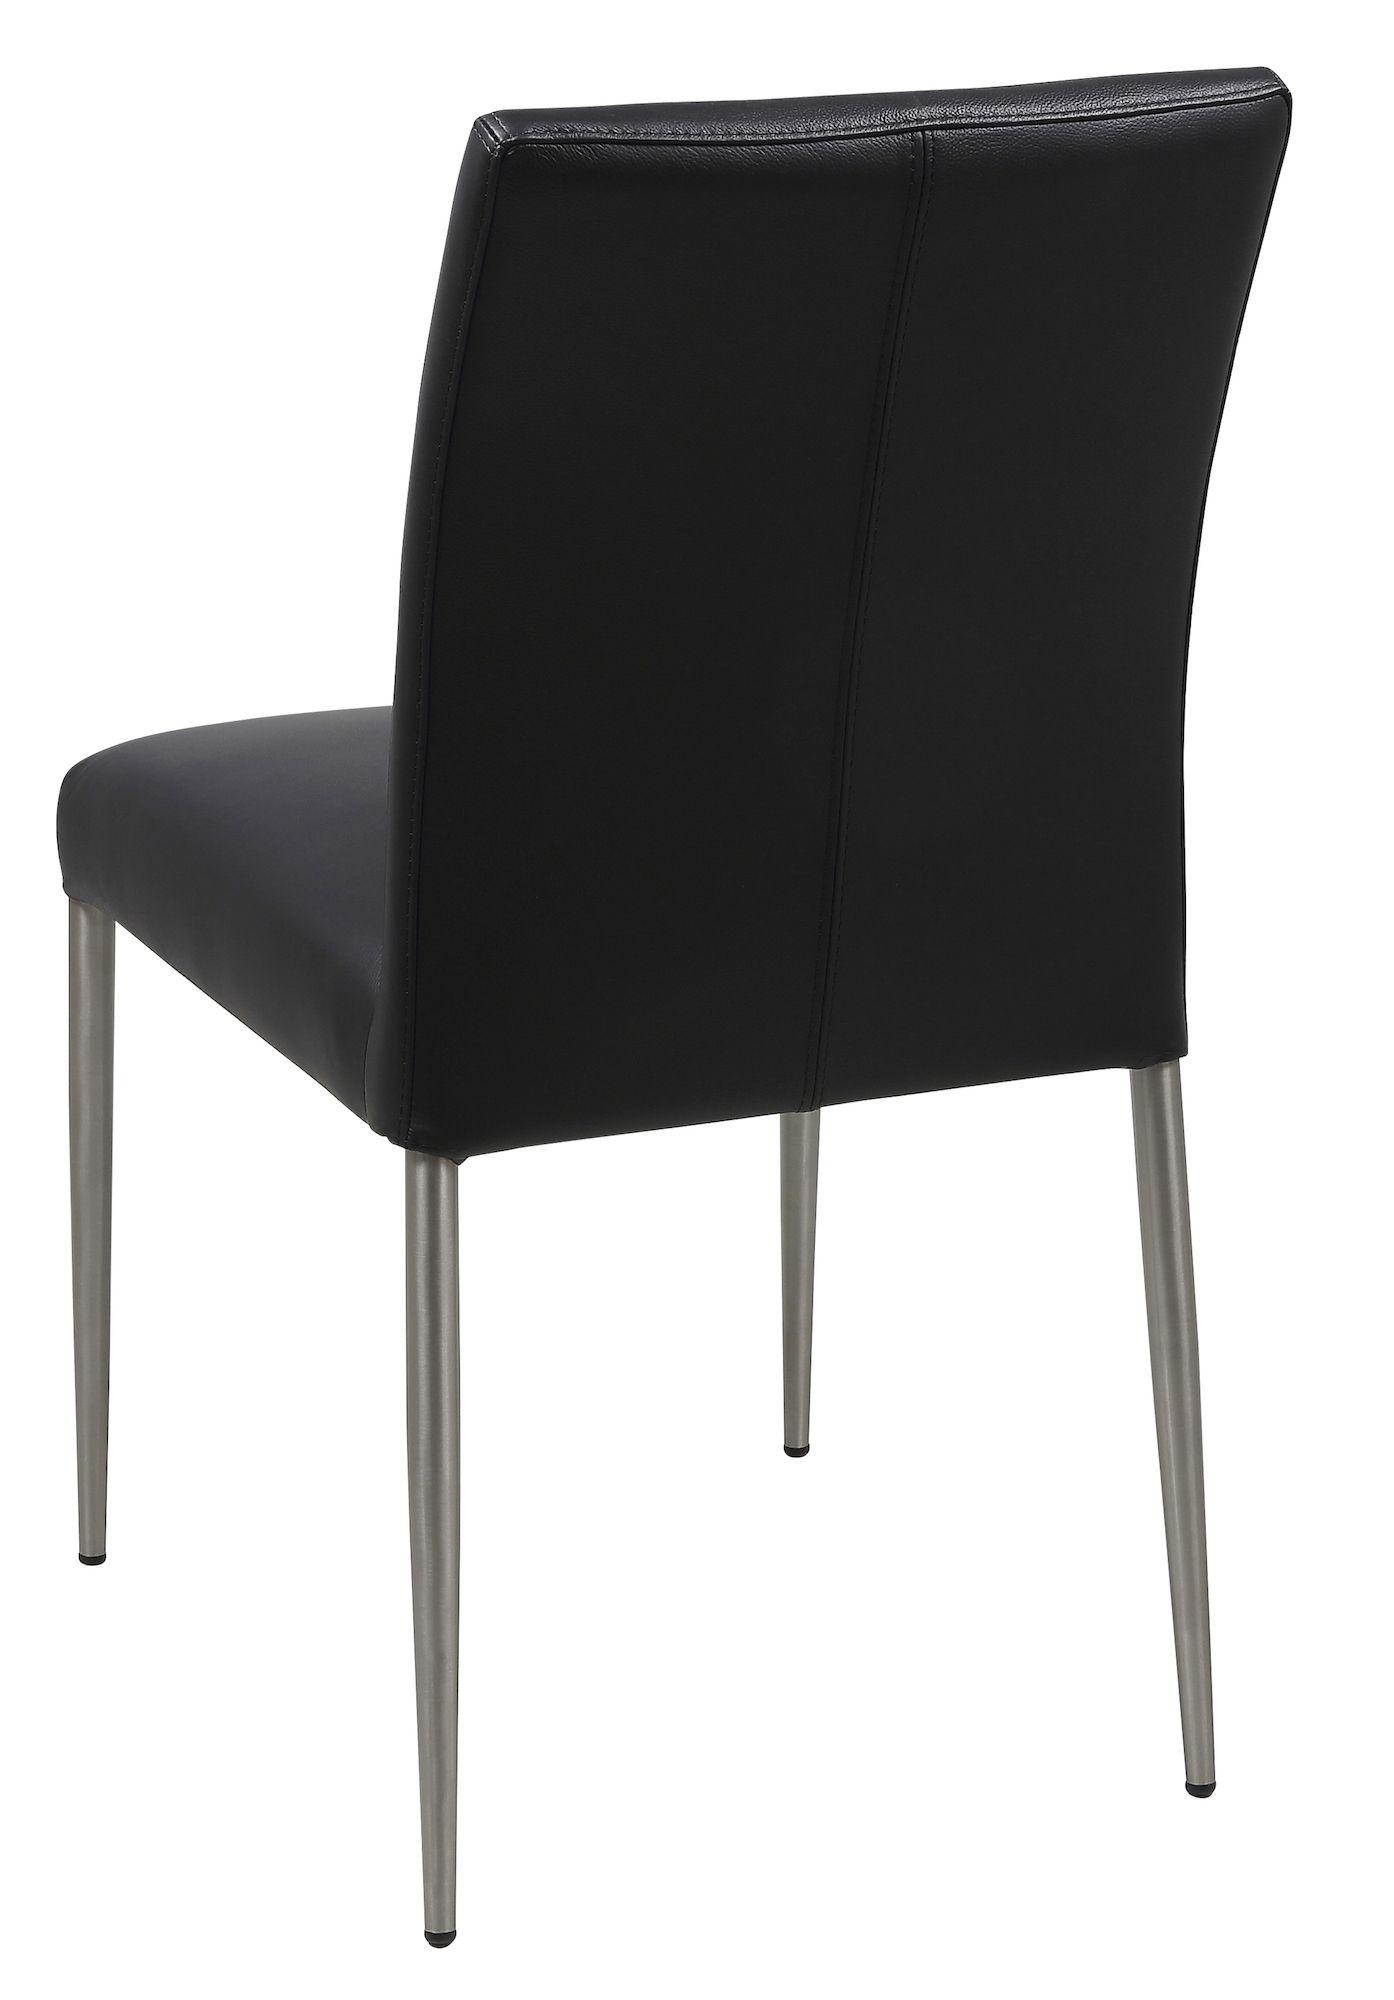 Hjo Spisebordsstol - Sort læder - Ben i børstet stål